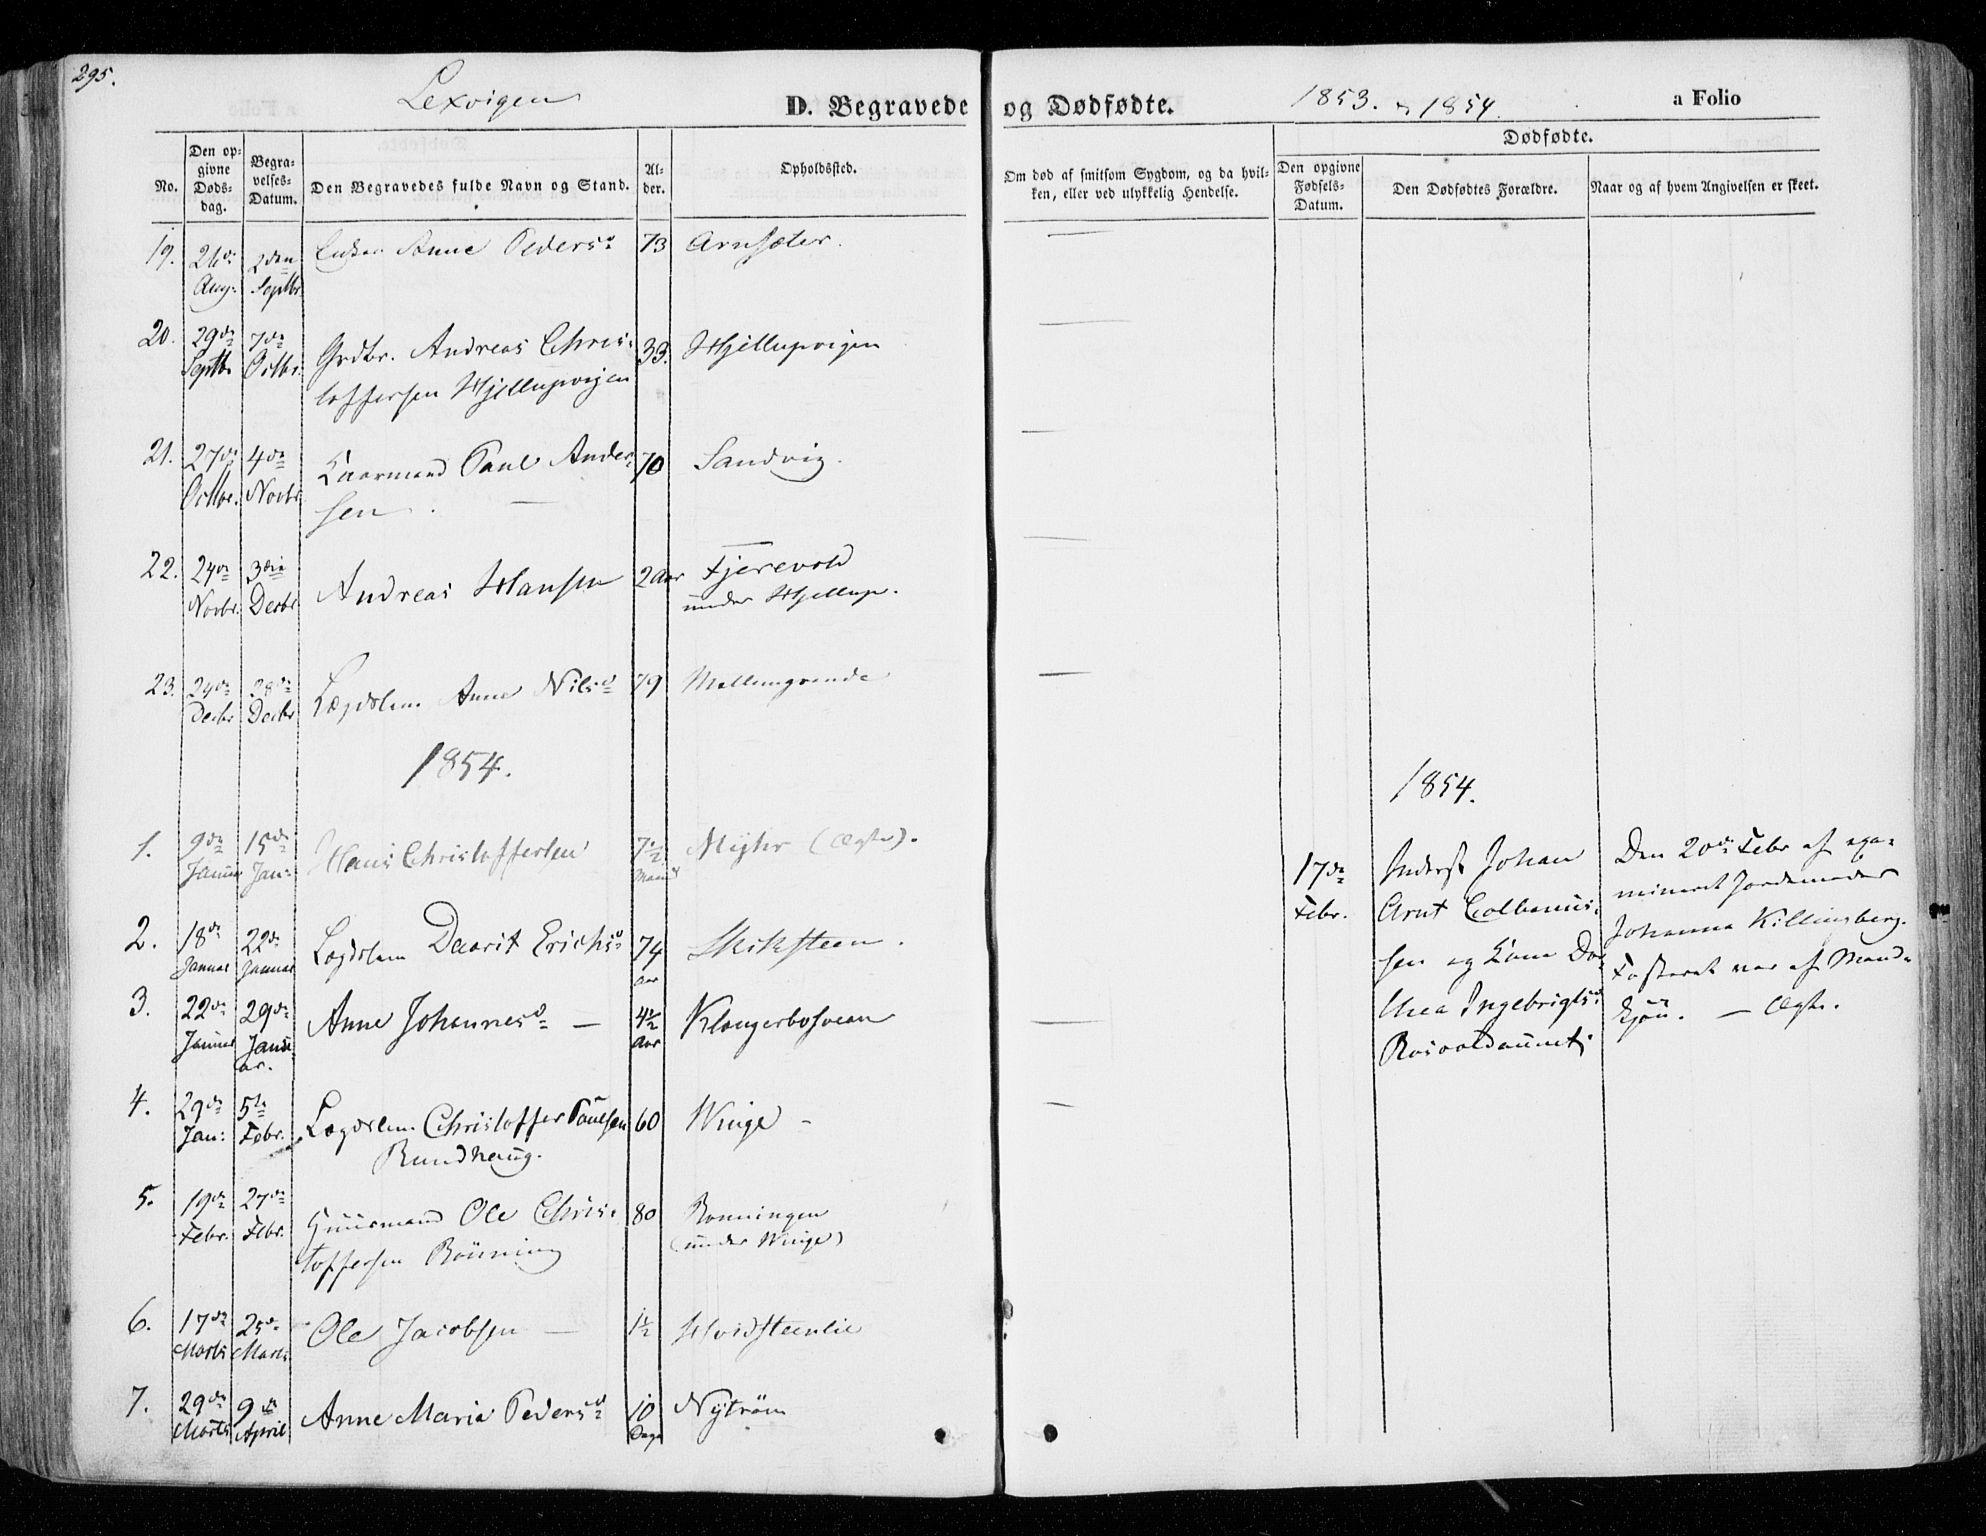 SAT, Ministerialprotokoller, klokkerbøker og fødselsregistre - Nord-Trøndelag, 701/L0007: Ministerialbok nr. 701A07 /1, 1842-1854, s. 295